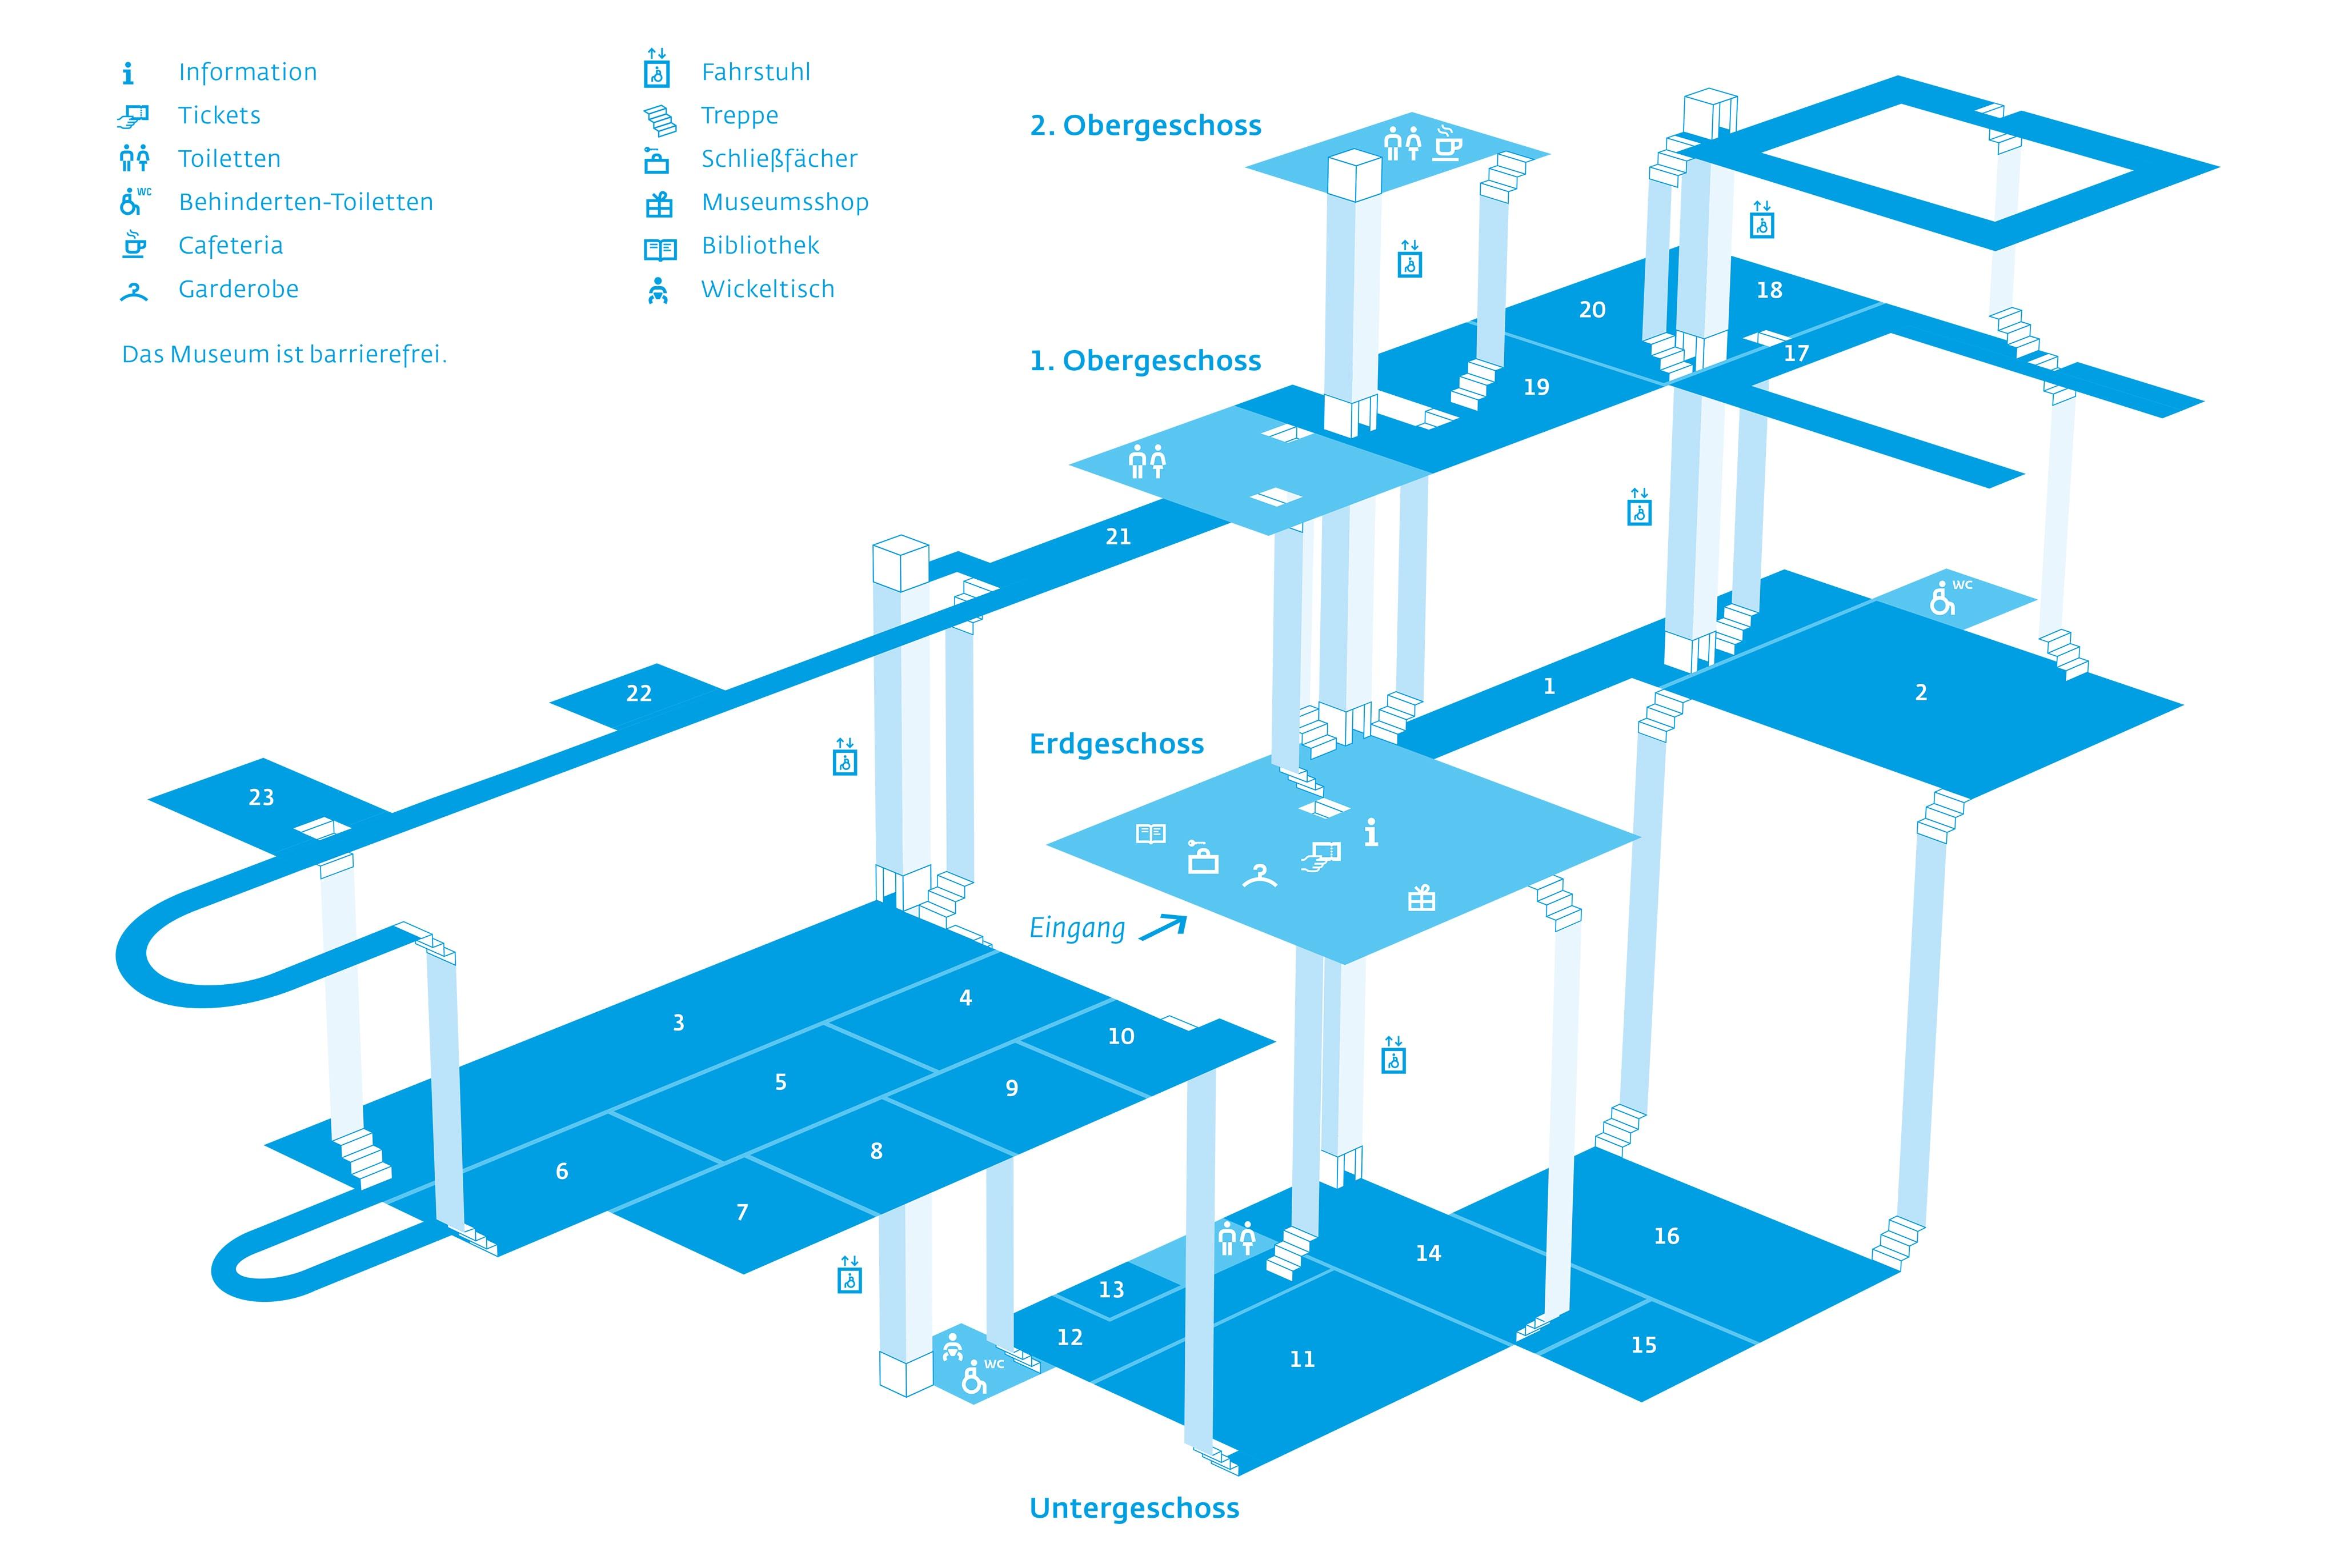 Leitsystem DSM Schifffahrtsmuseum Orientierungsplan Grafik